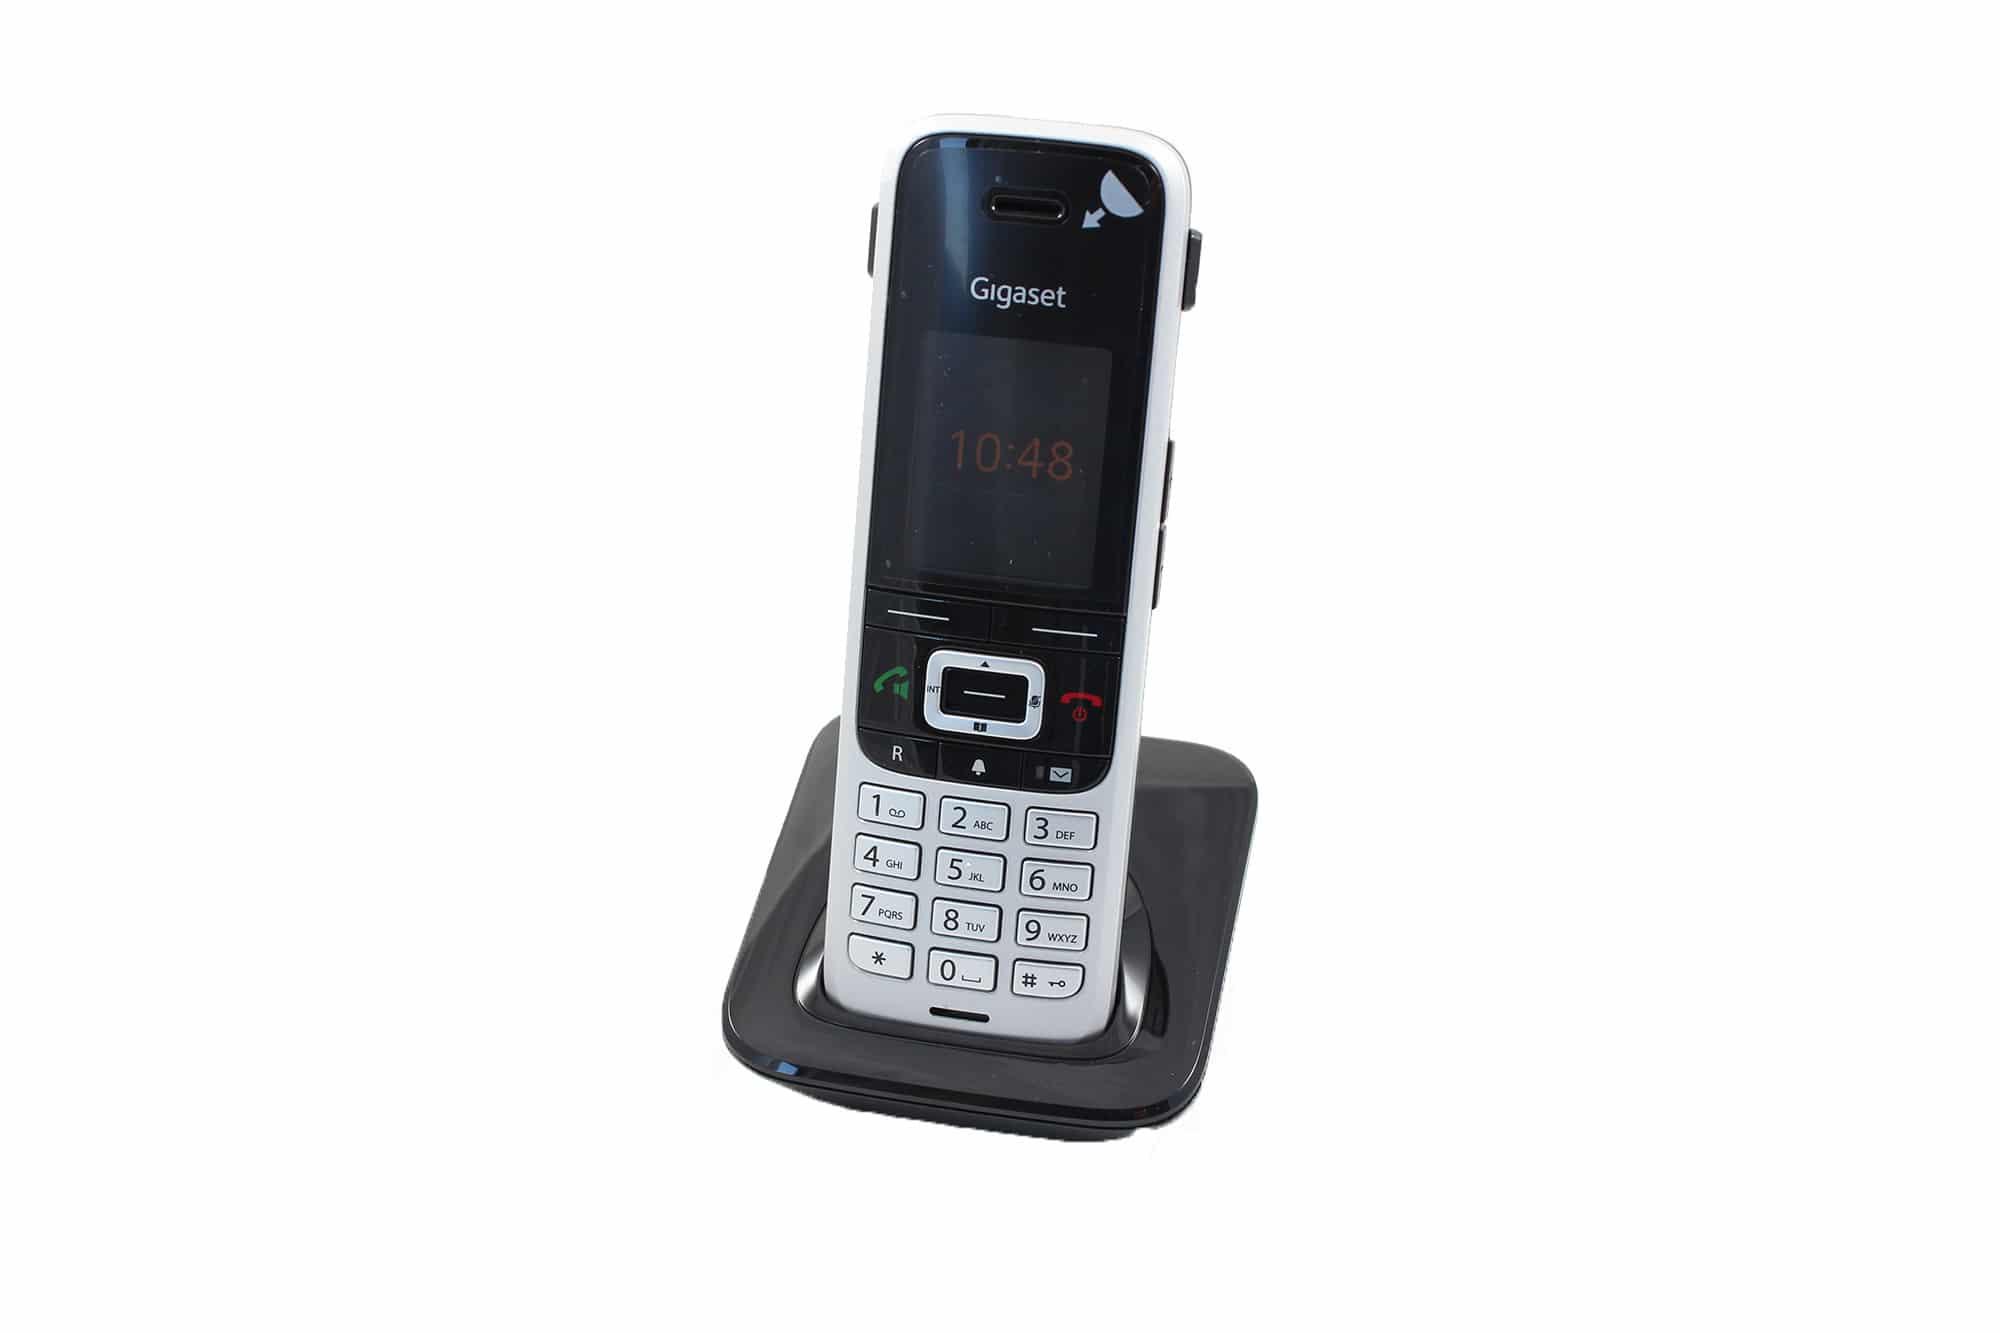 Bild von Gigaset S850A GO: Analog- und IP-Telefon im Test